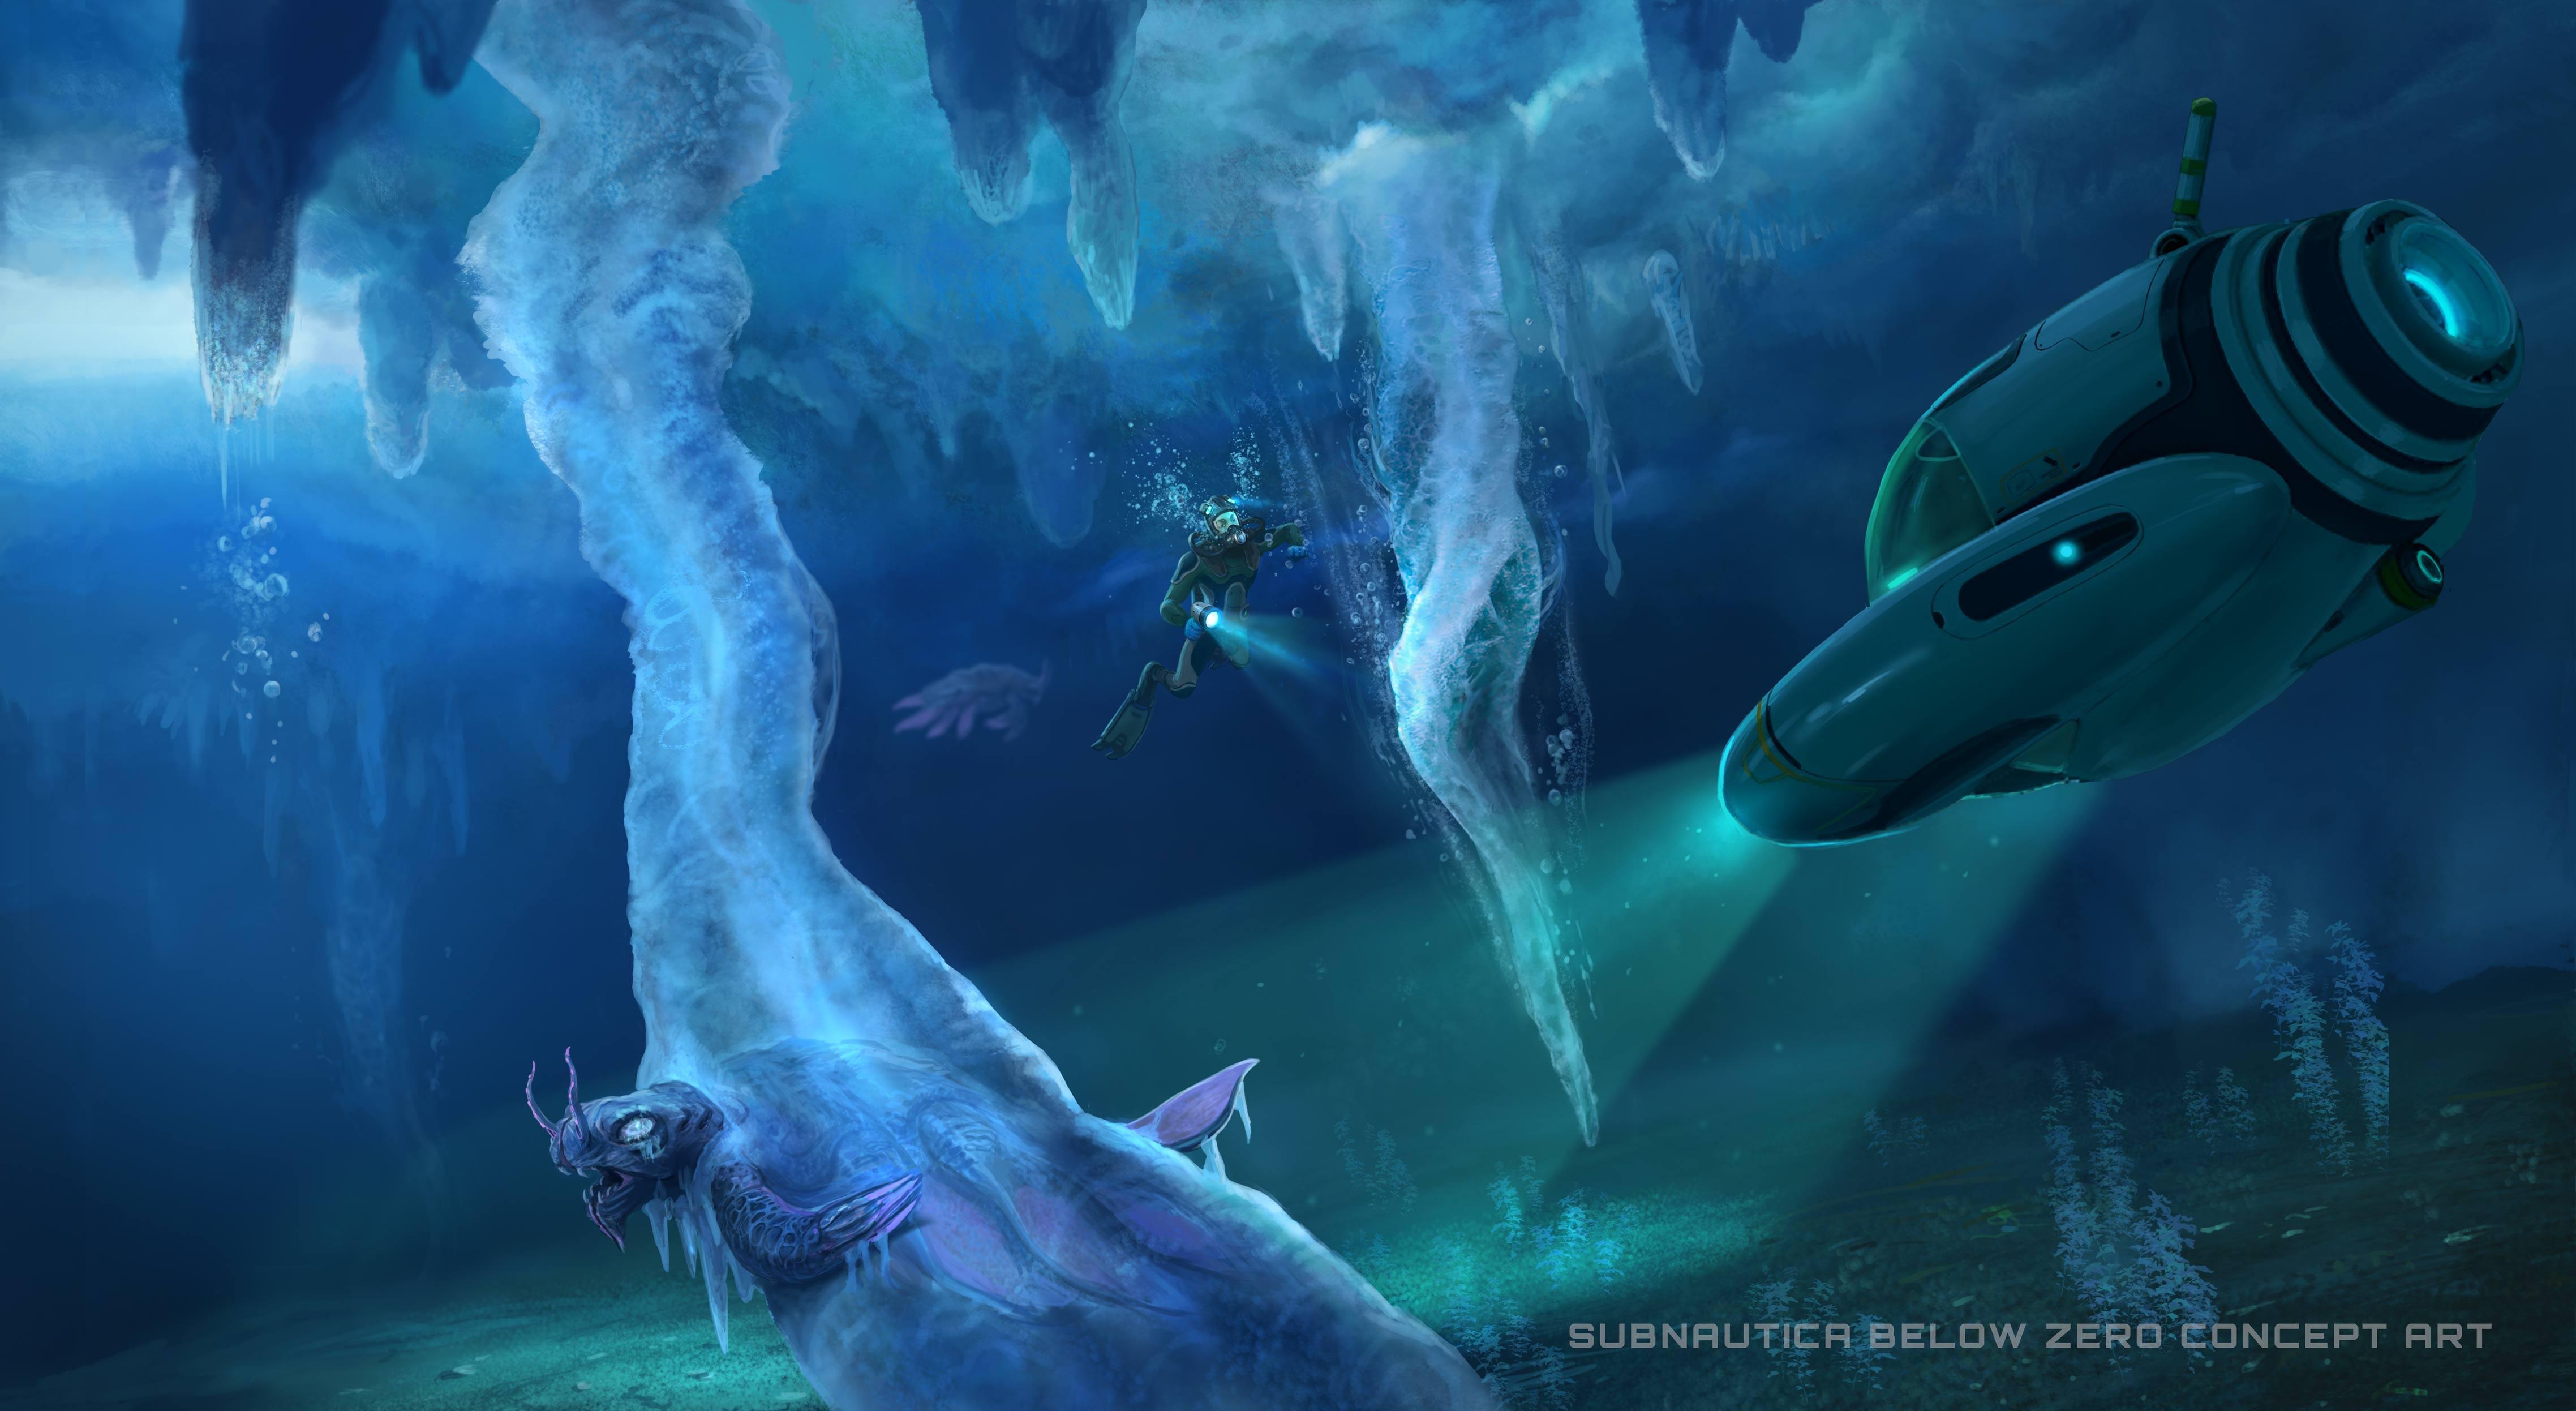 subnautica below zero video game wallpaper 74364